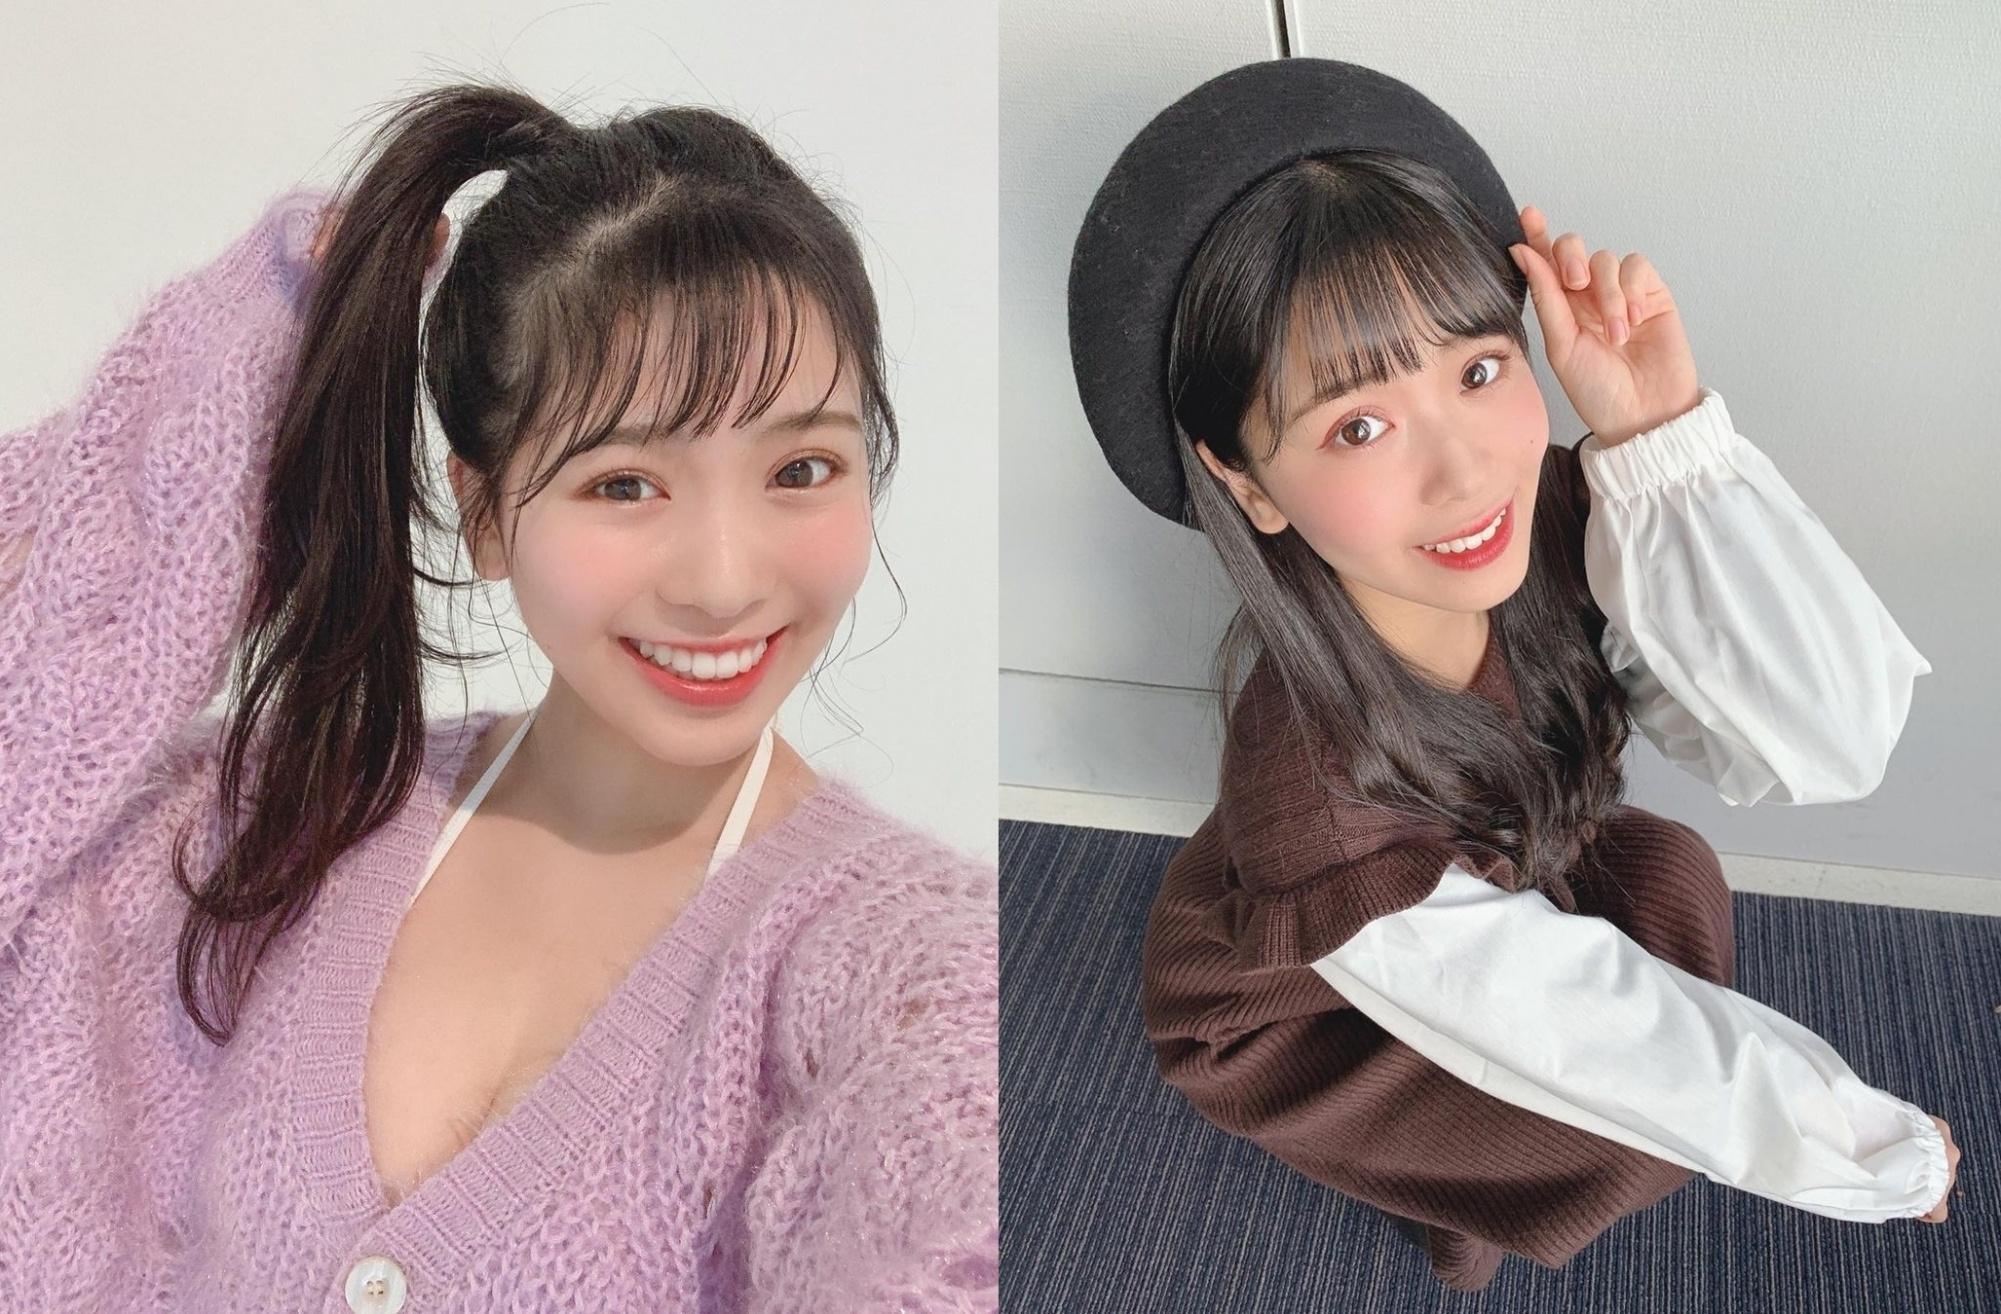 偶像团体NMB48成员「安田桃宁」,奇迹笑颜如阳光般绽放女友视角